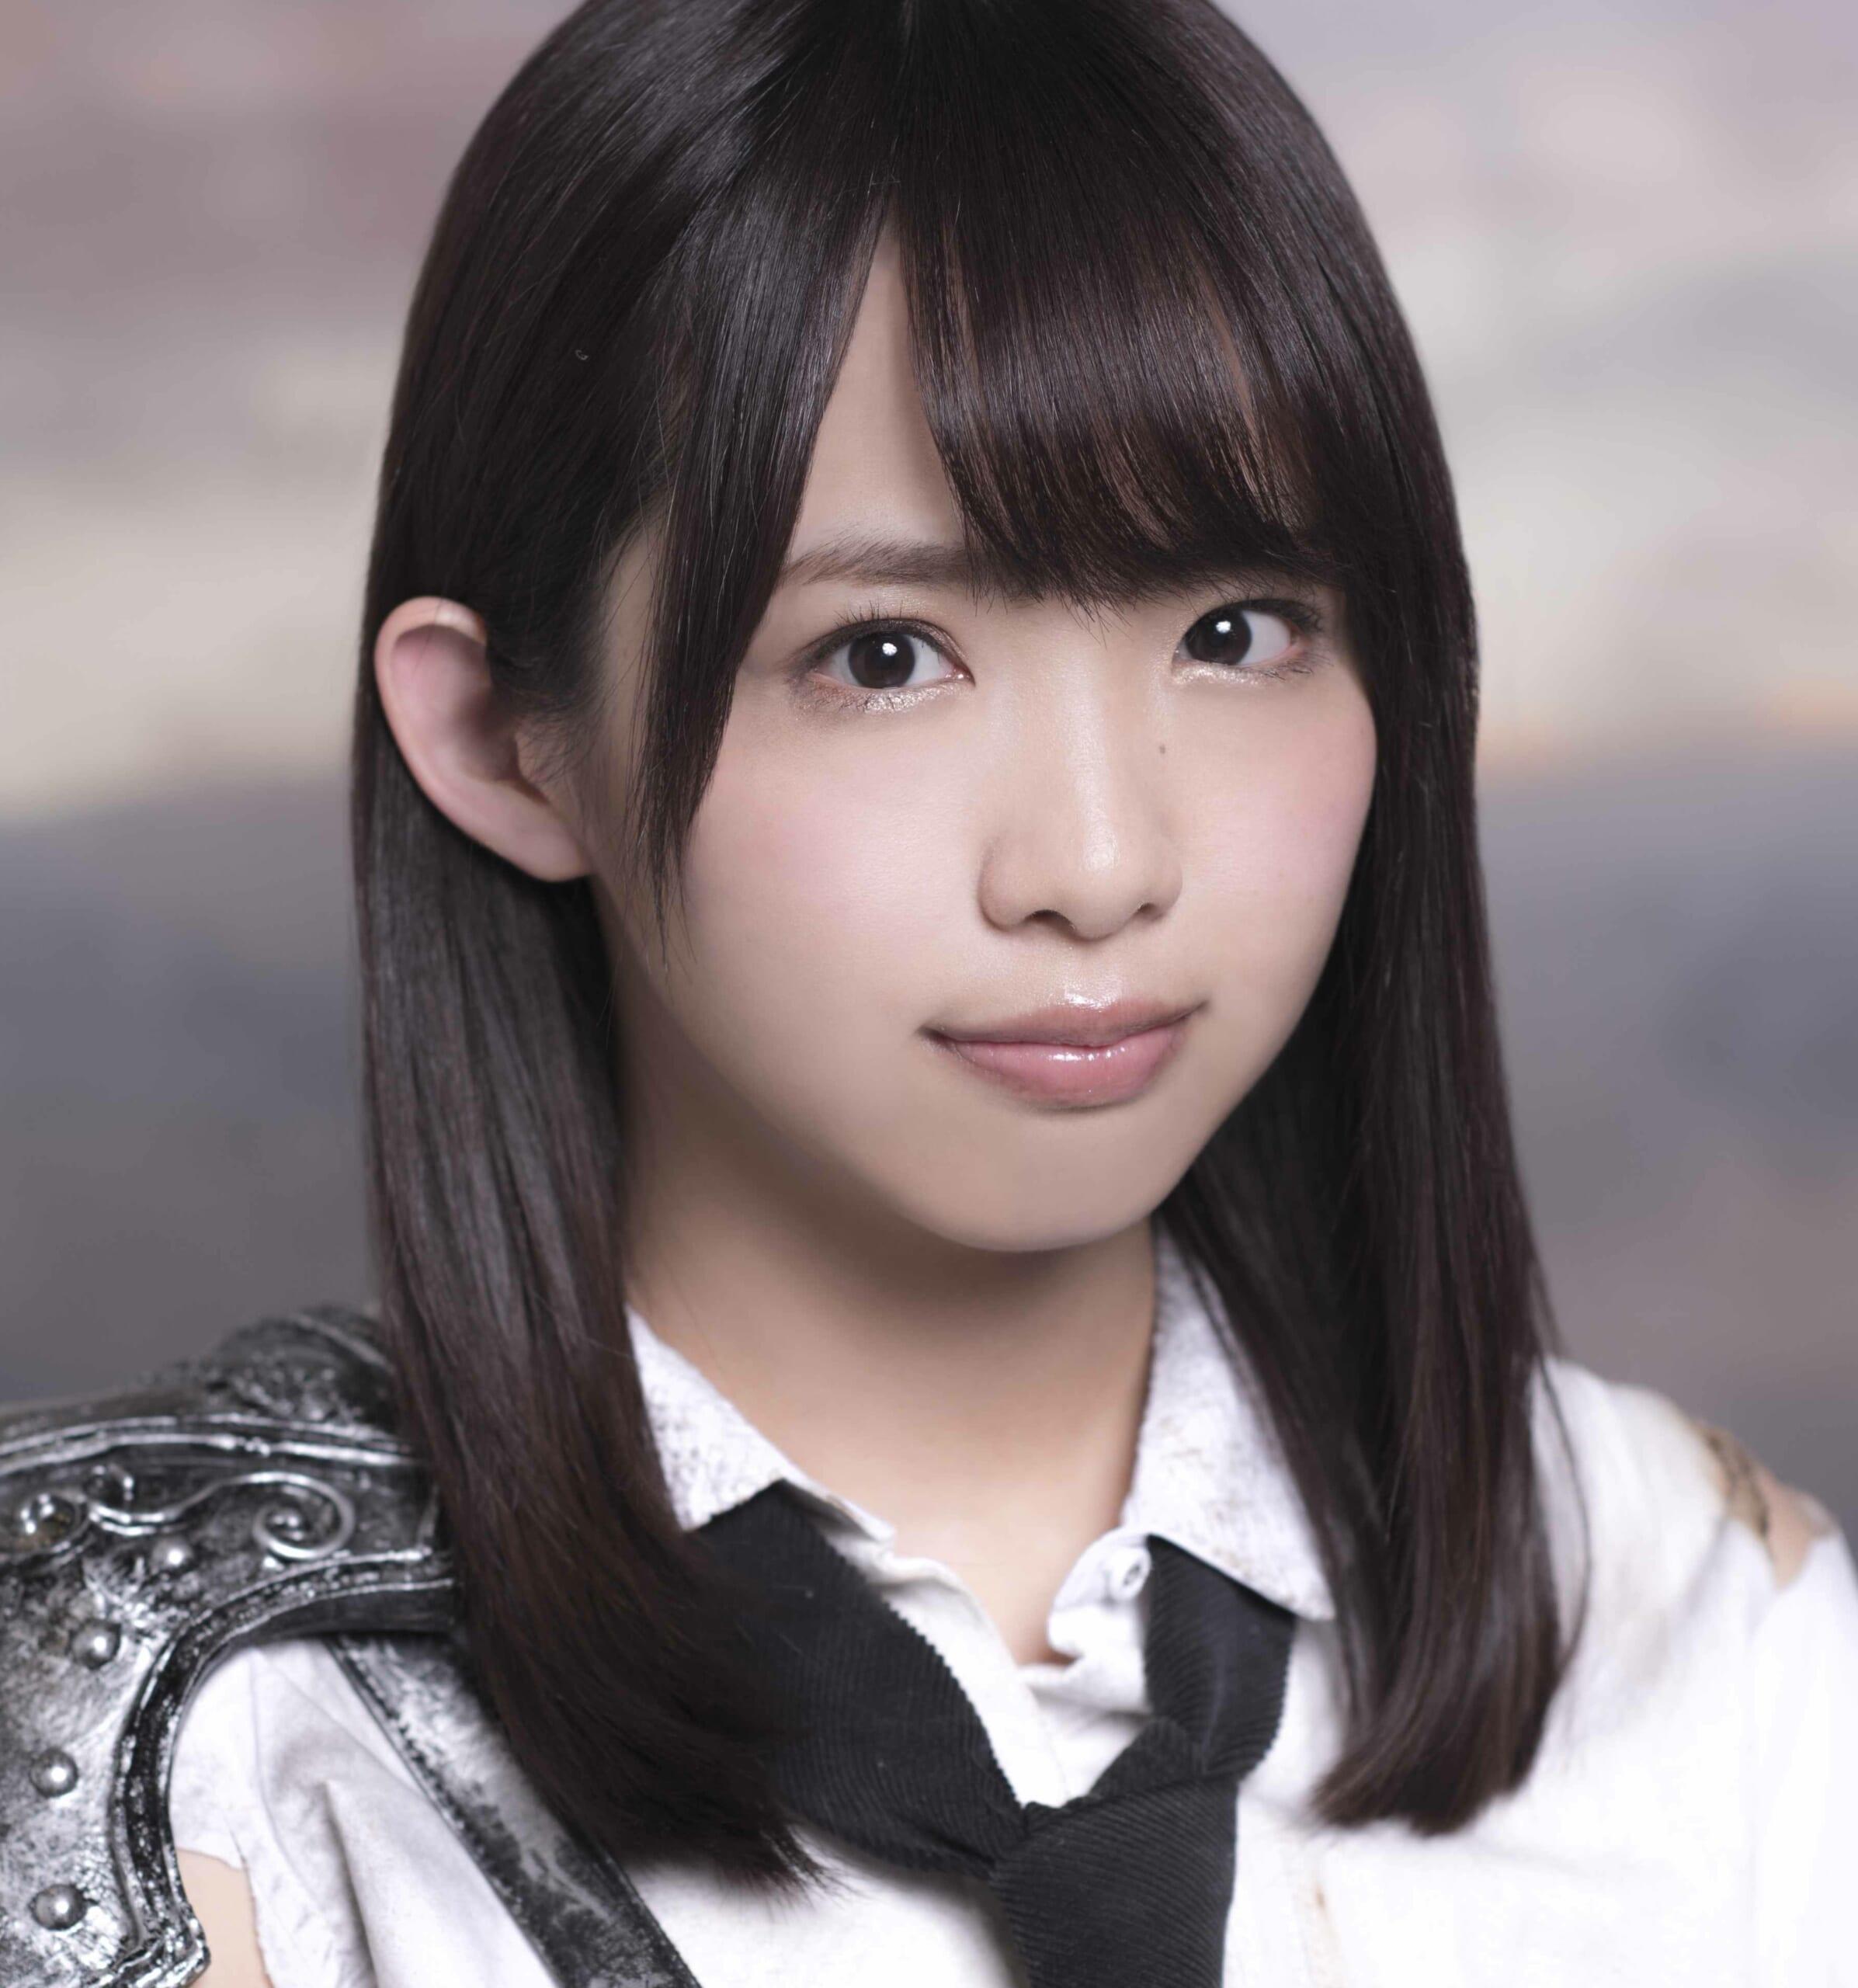 SKE48松村香織「今日のテーマは『年相応』(笑)」【「ガチ私服」抜き打ちチェック!】